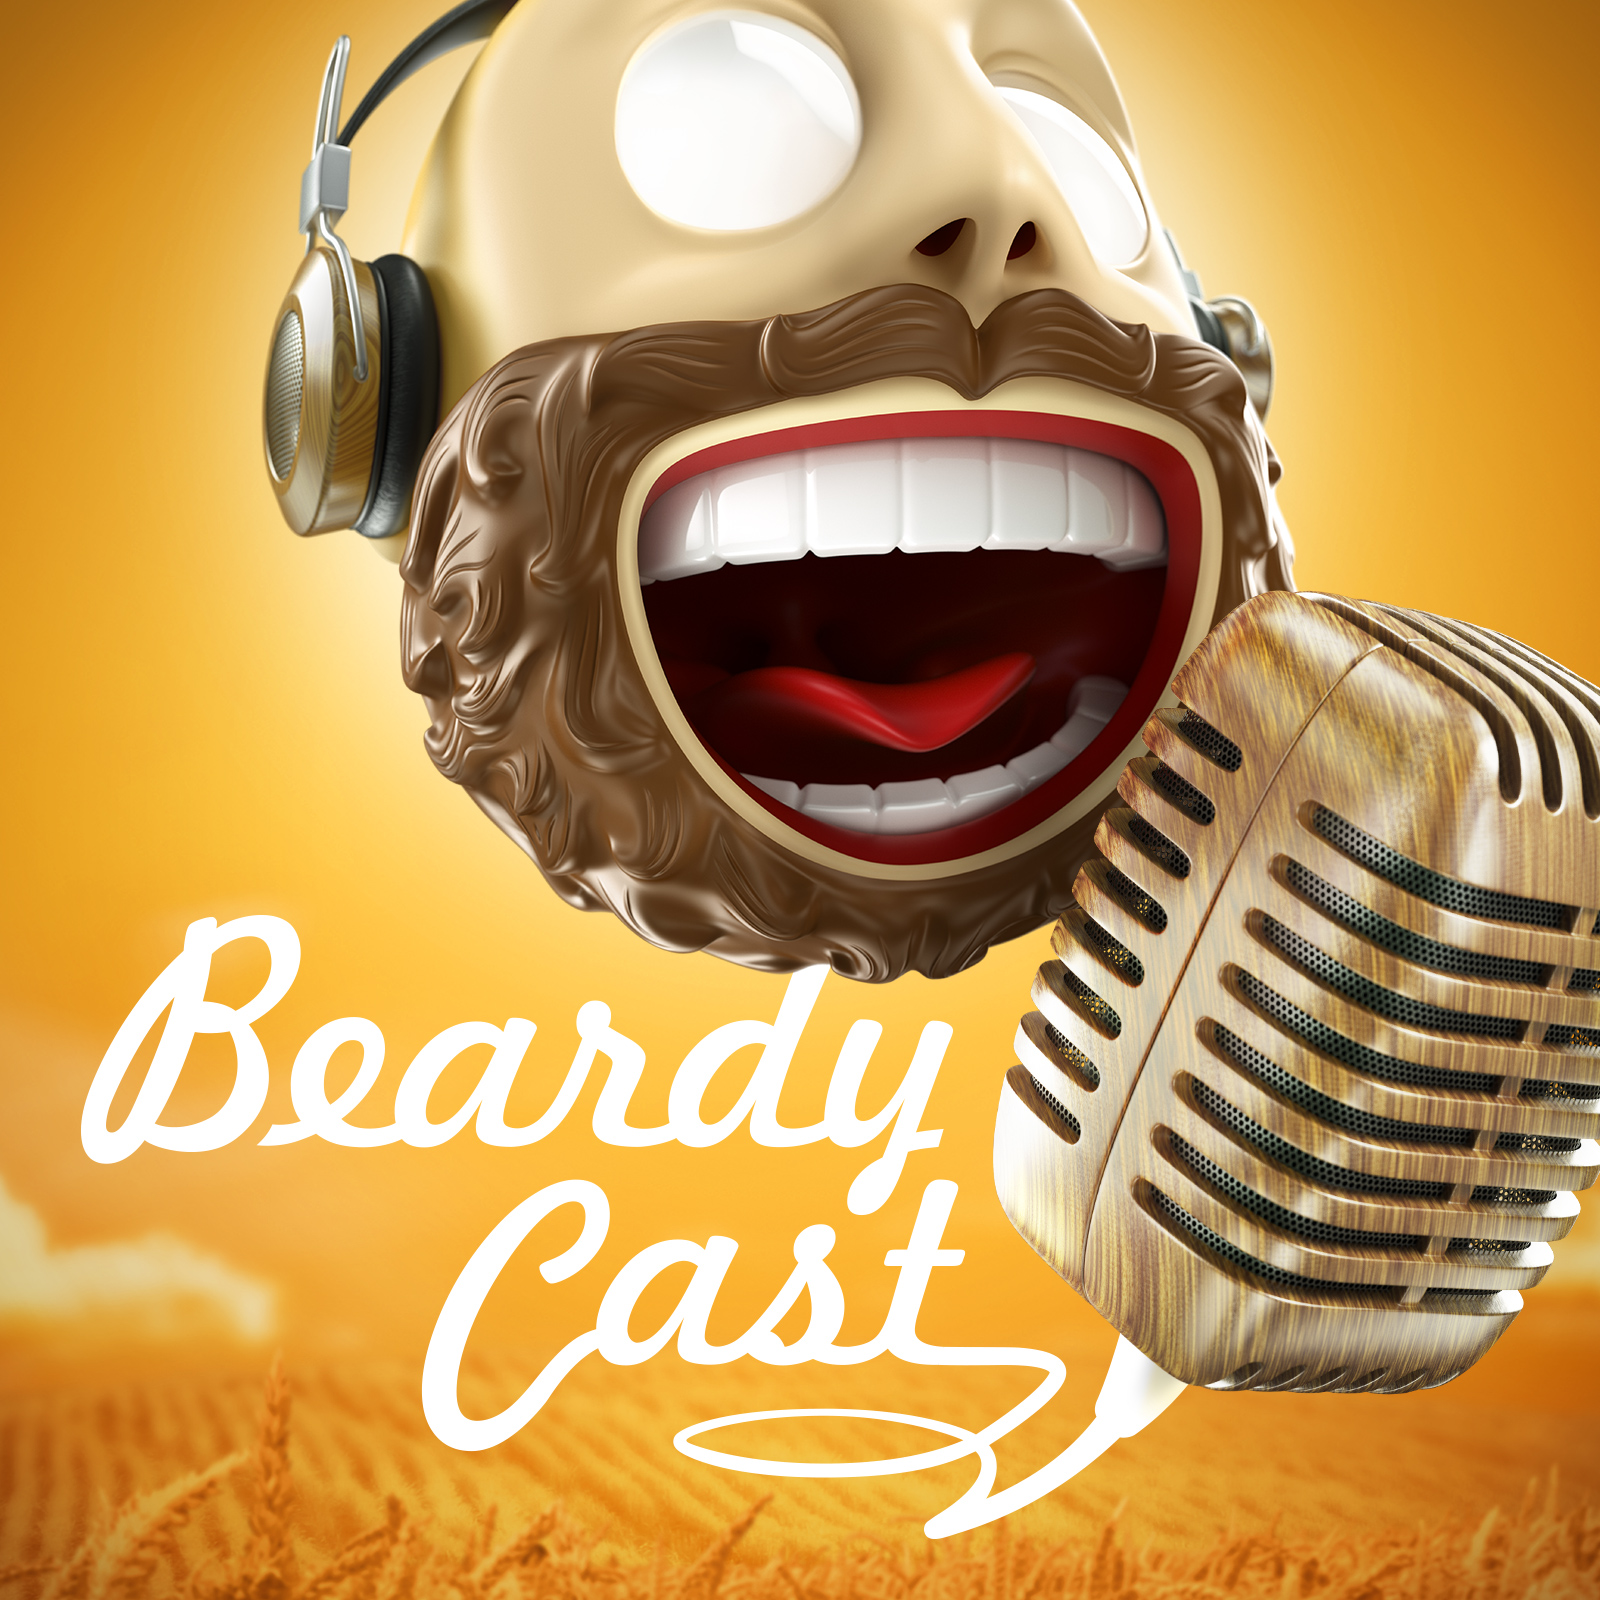 #BeardyCast: гаджеты и медиакультура show art